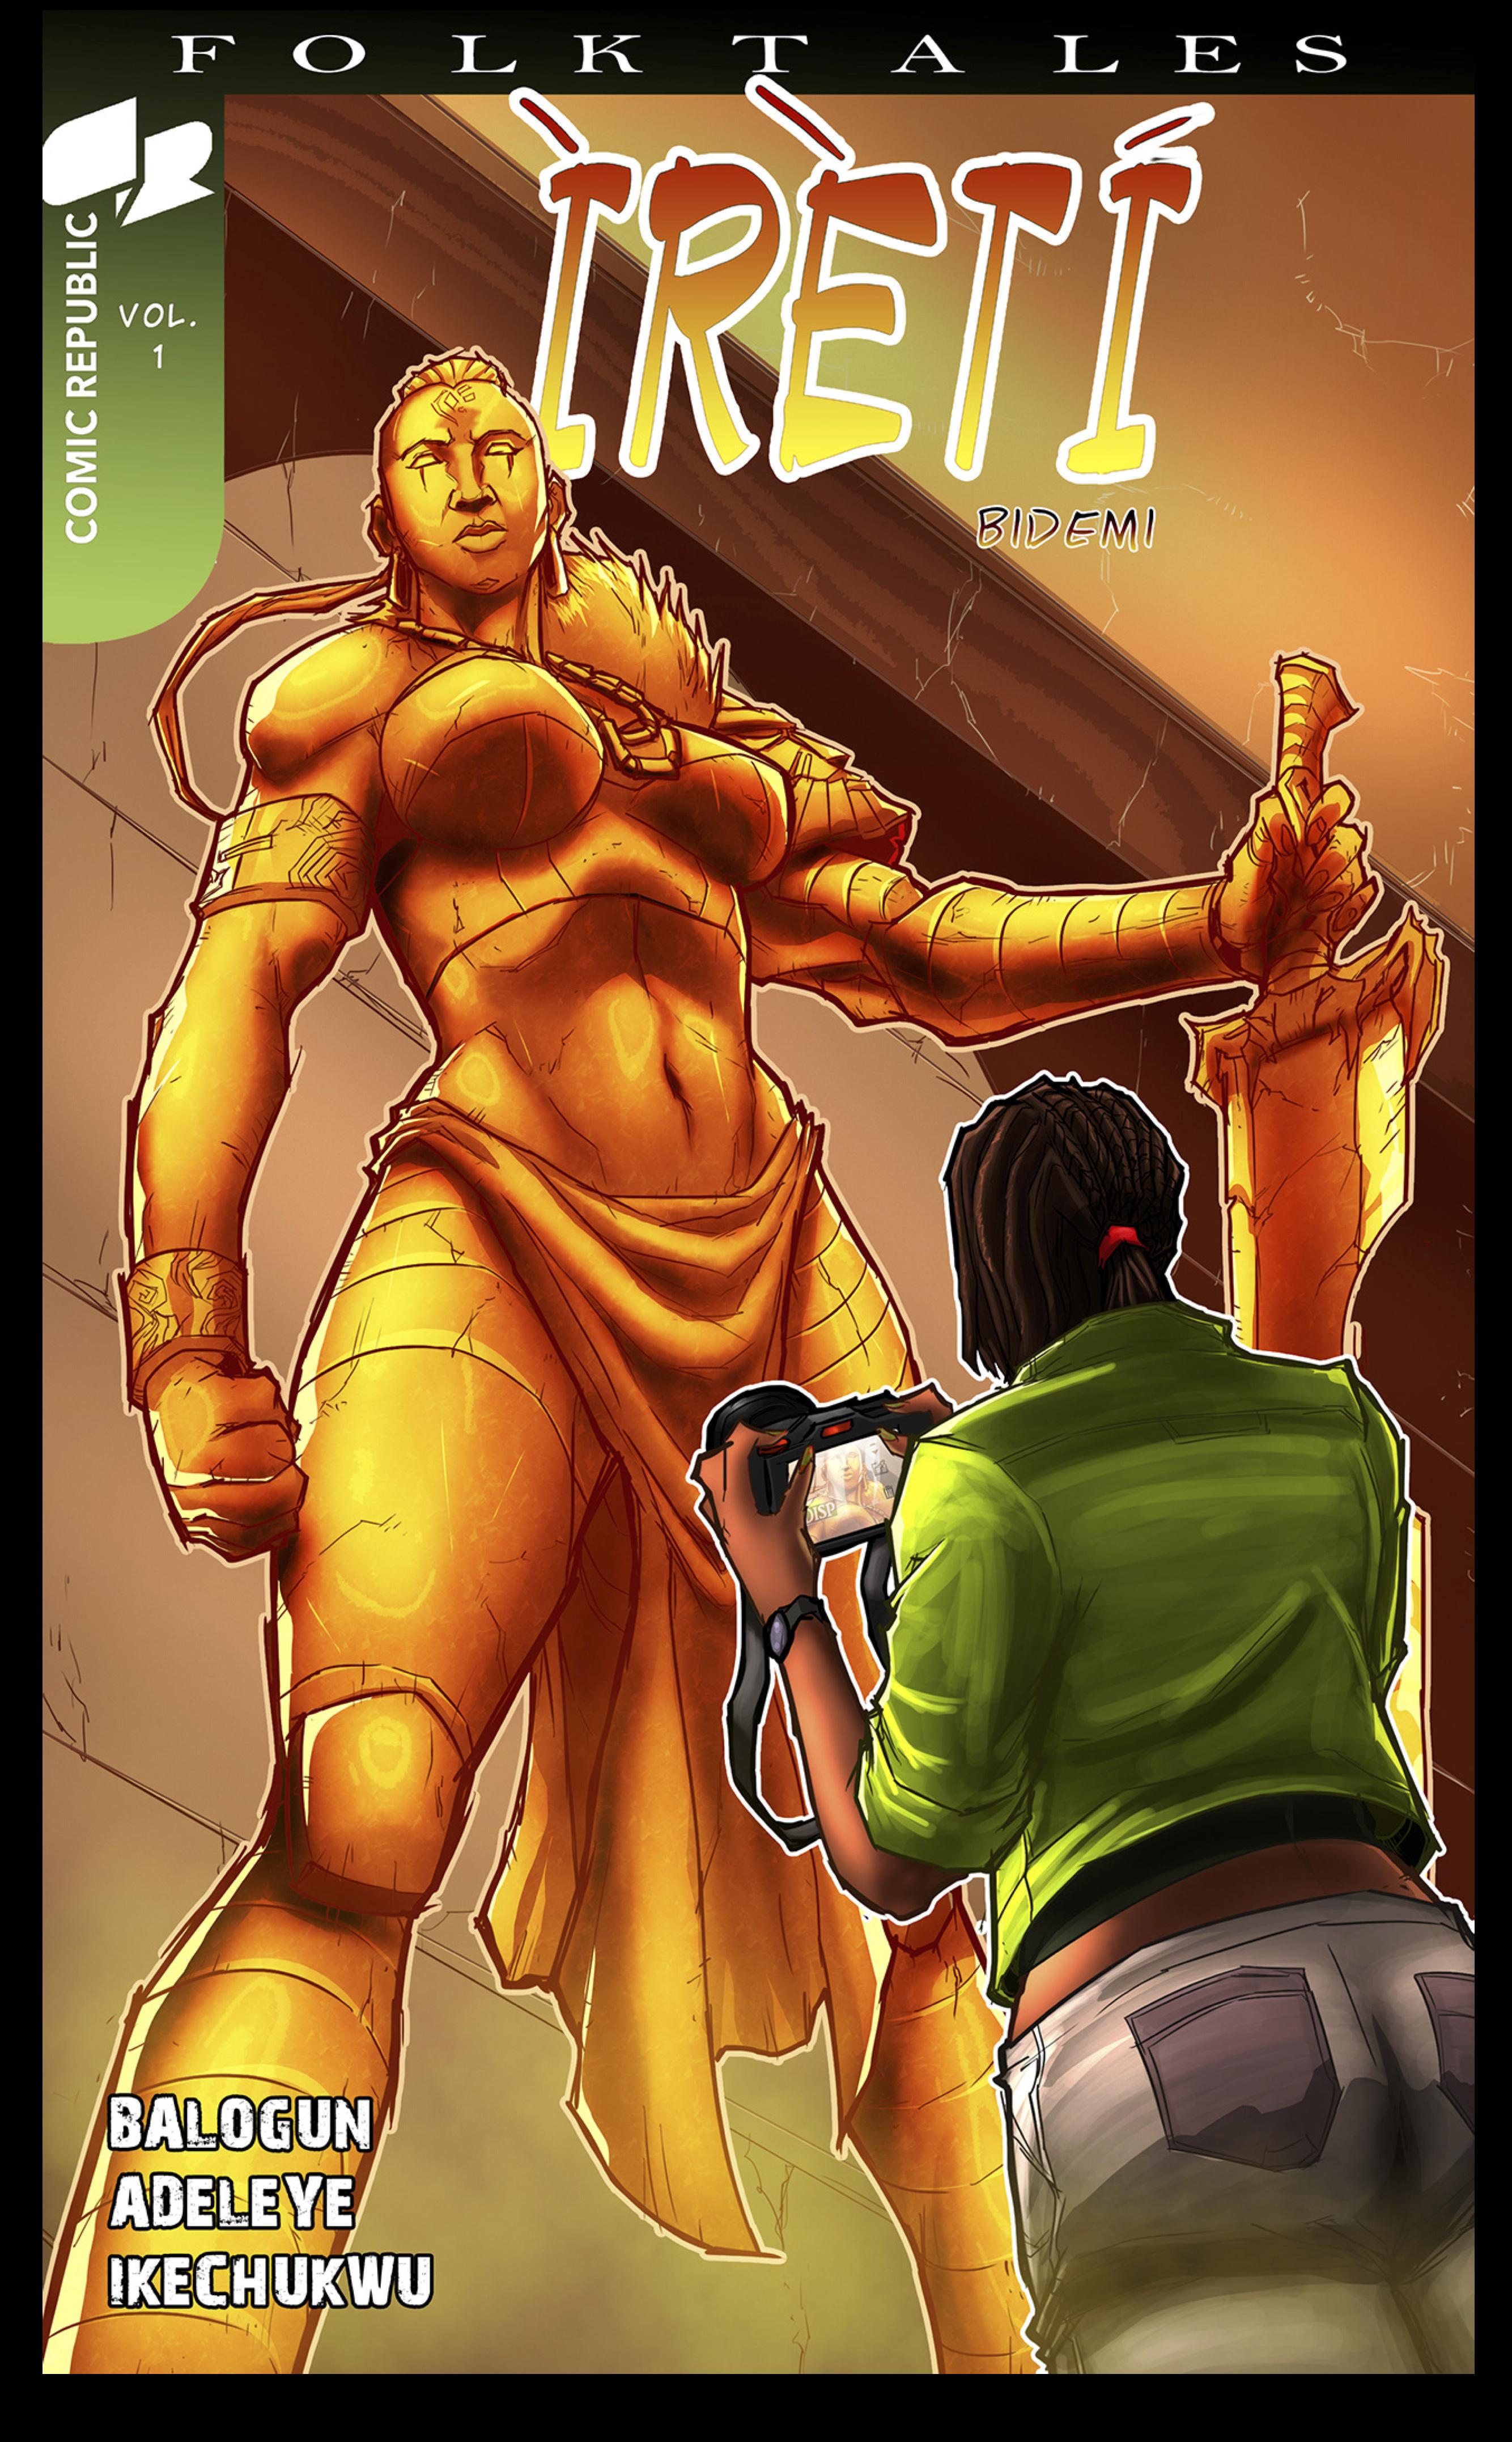 Cover of Ireti Bidemi issue 2